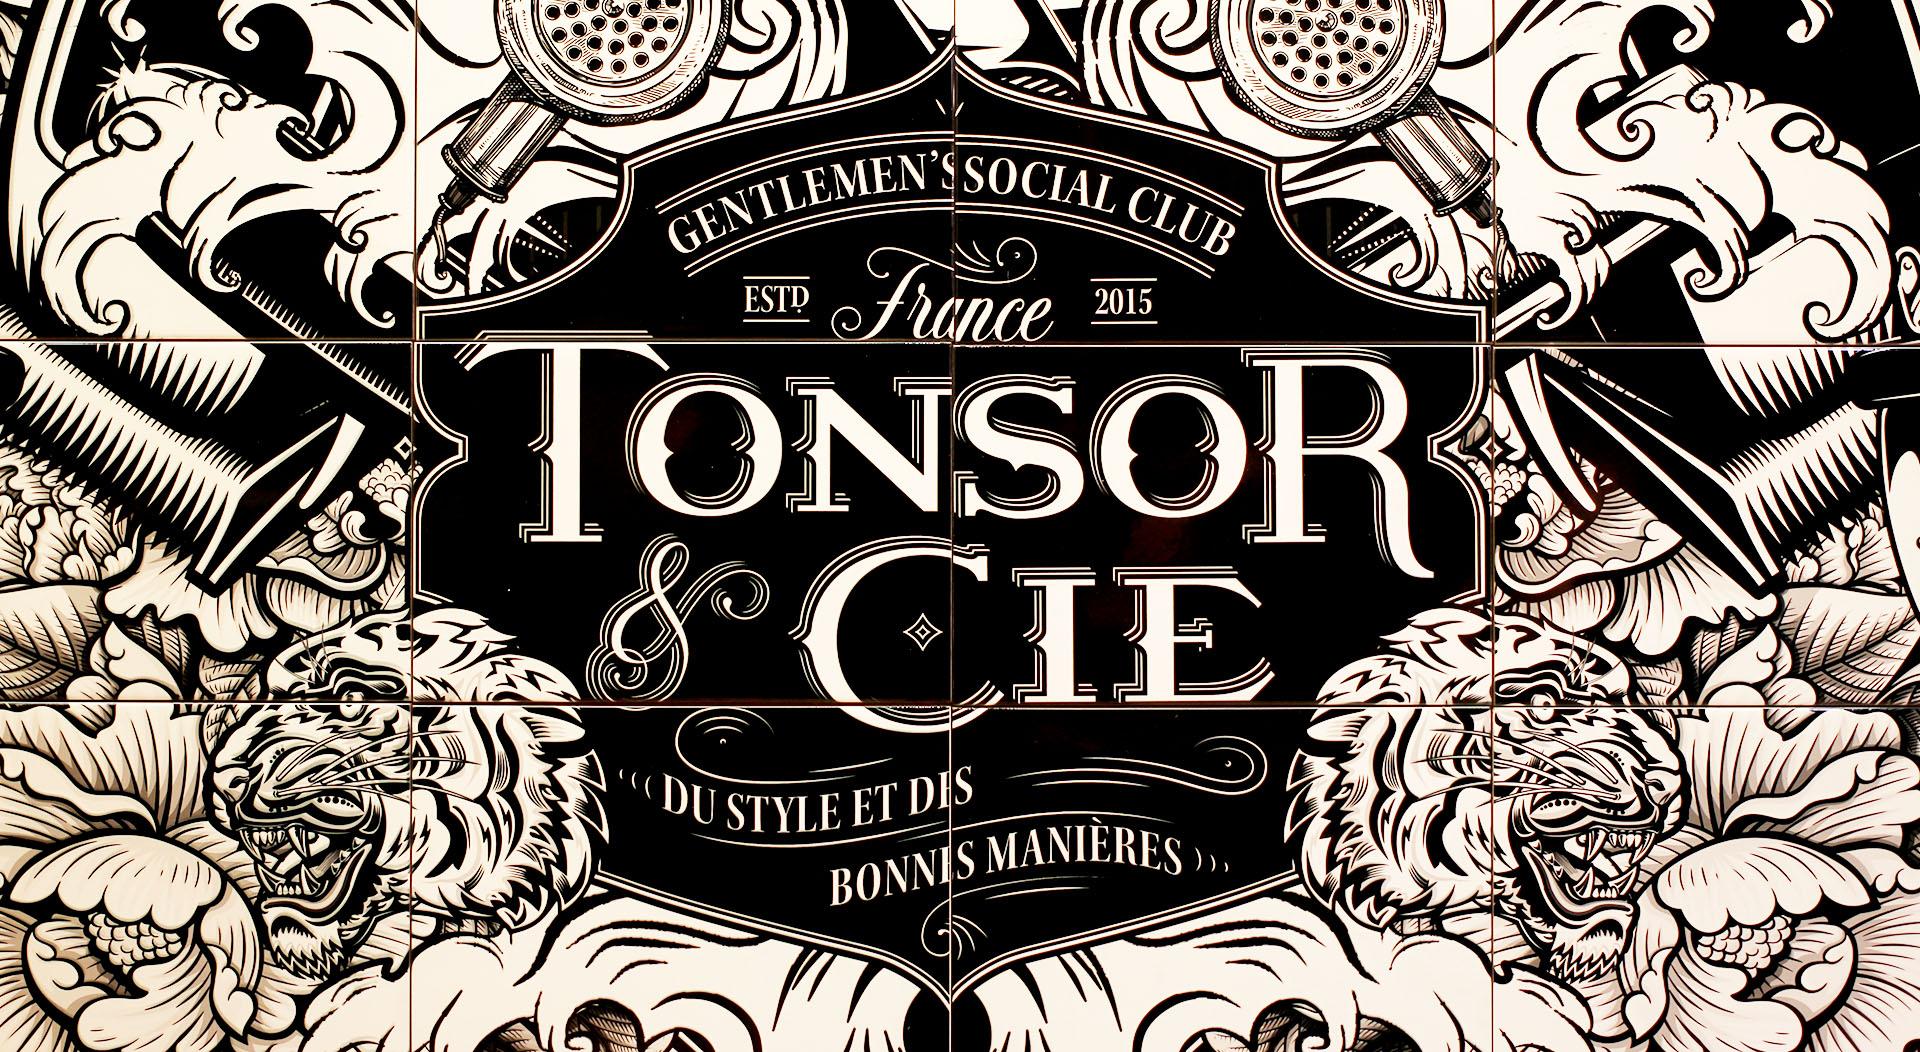 Page_accueil_site_soone_julien_art_graphique_social_club_tonsor_cie_barber